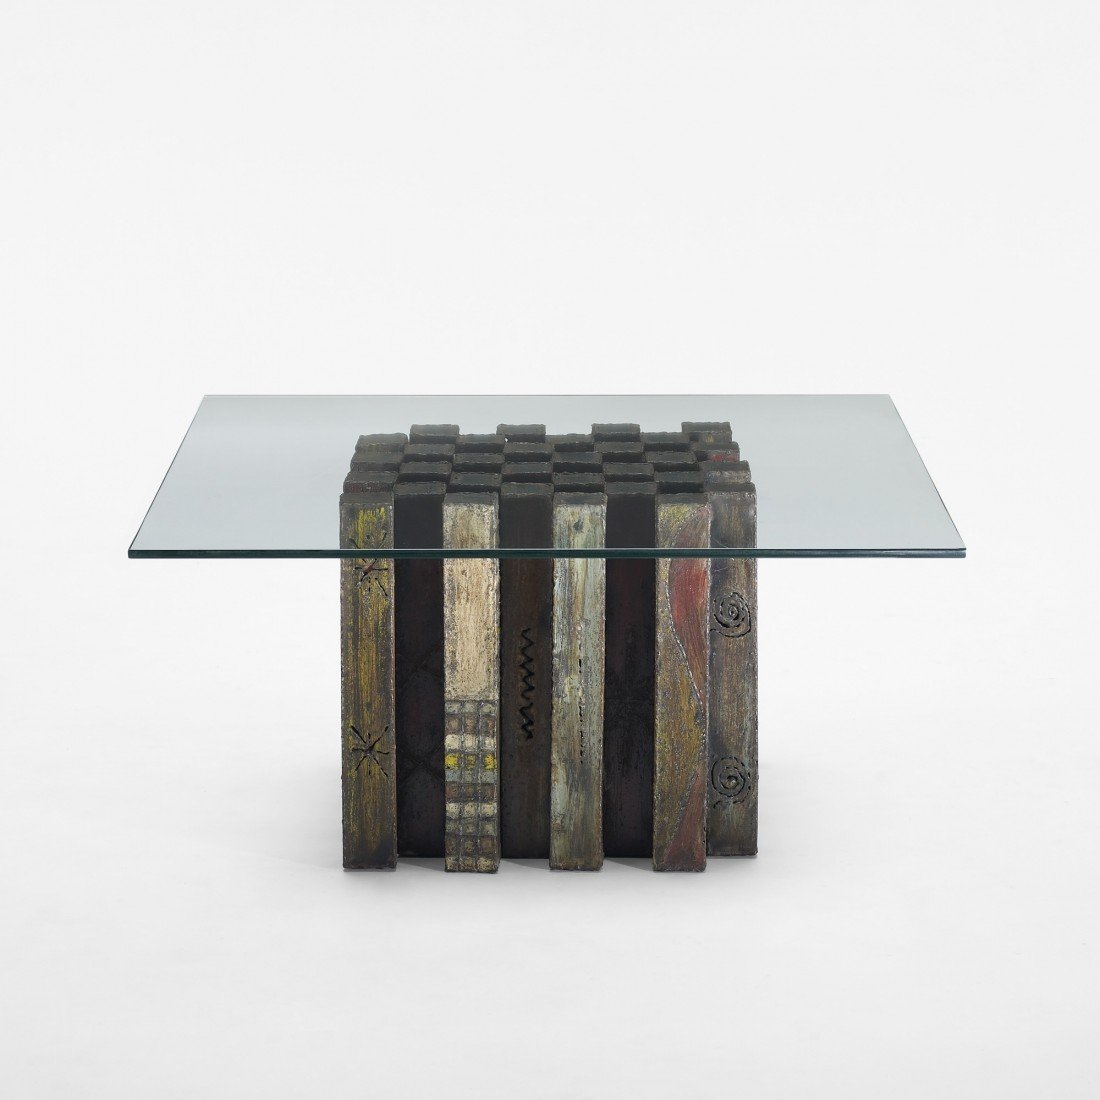 104: Paul Evans coffee table